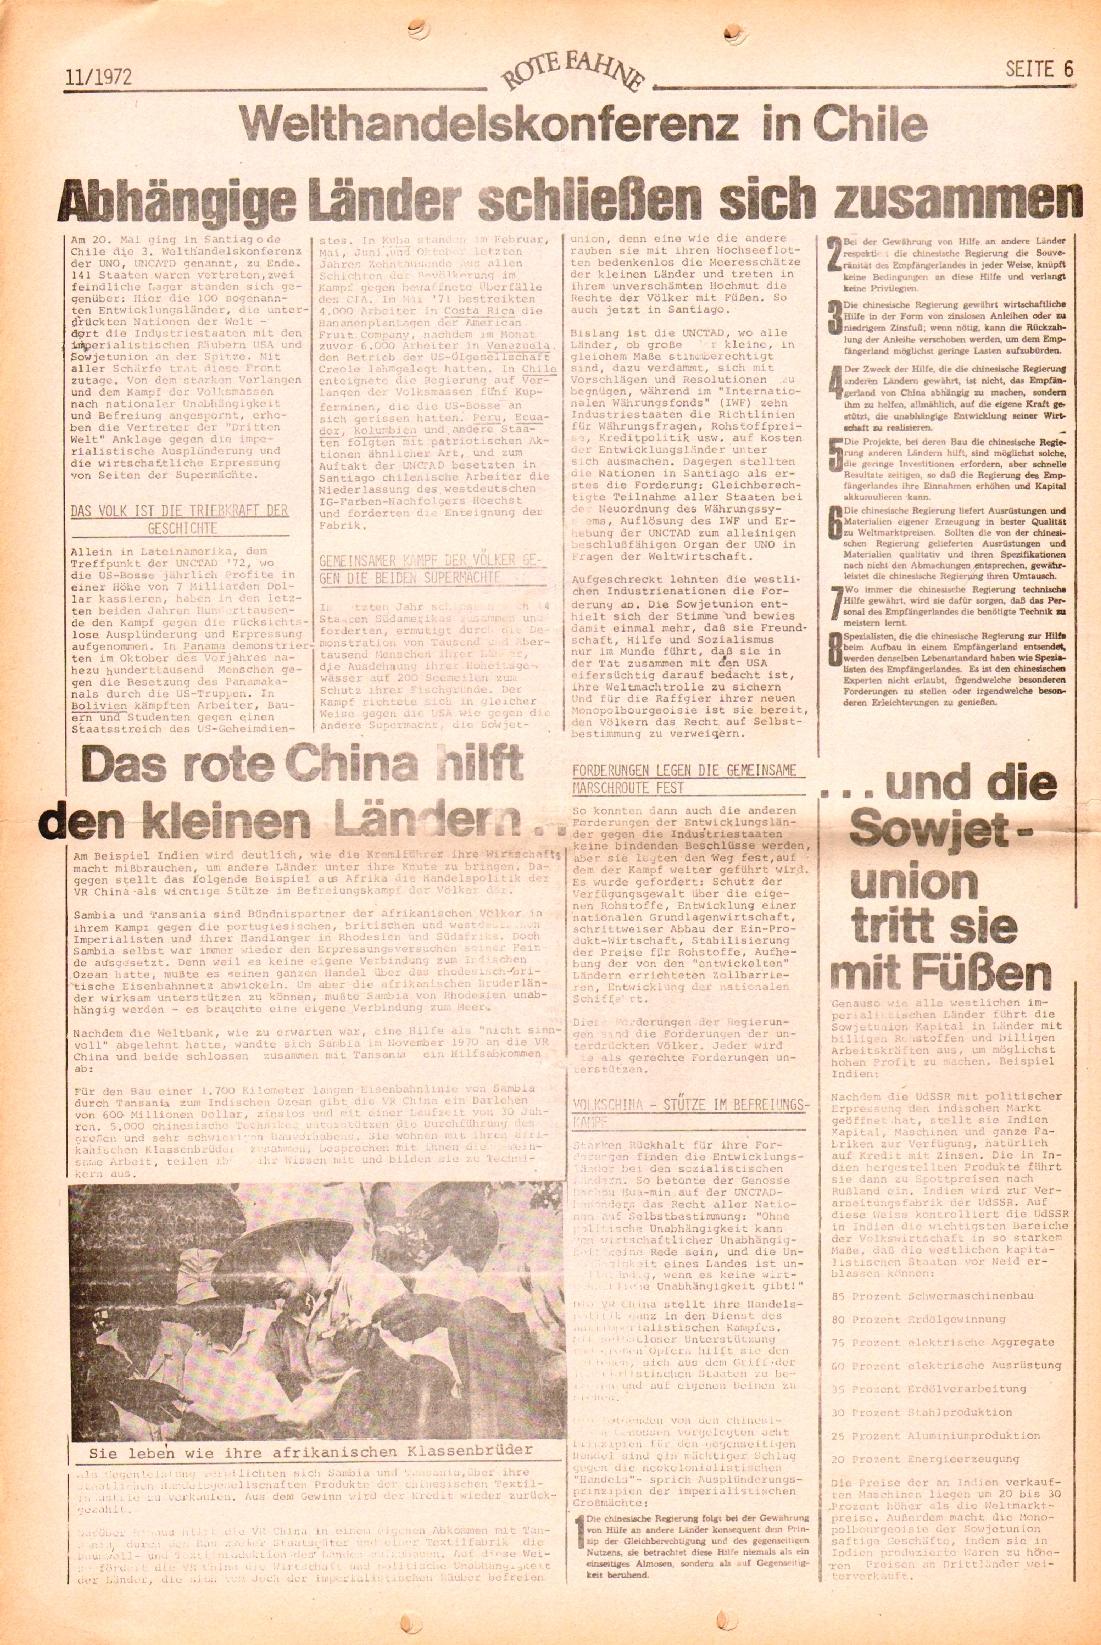 Rote Fahne, 3. Jg., 29.5.1972, Nr. 11, Seite 6